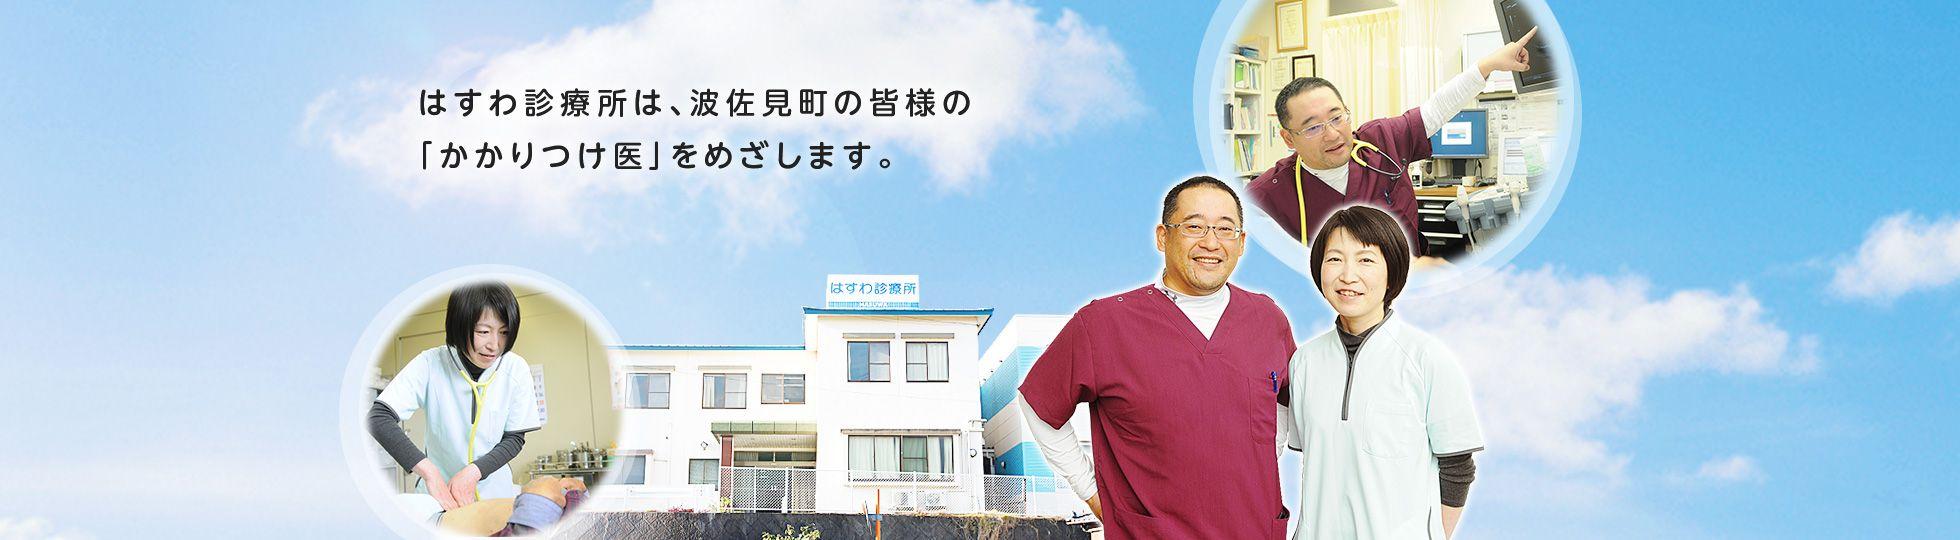 はすわ診療所は、波佐見町の皆様の「かかりつけ医」をめざします。